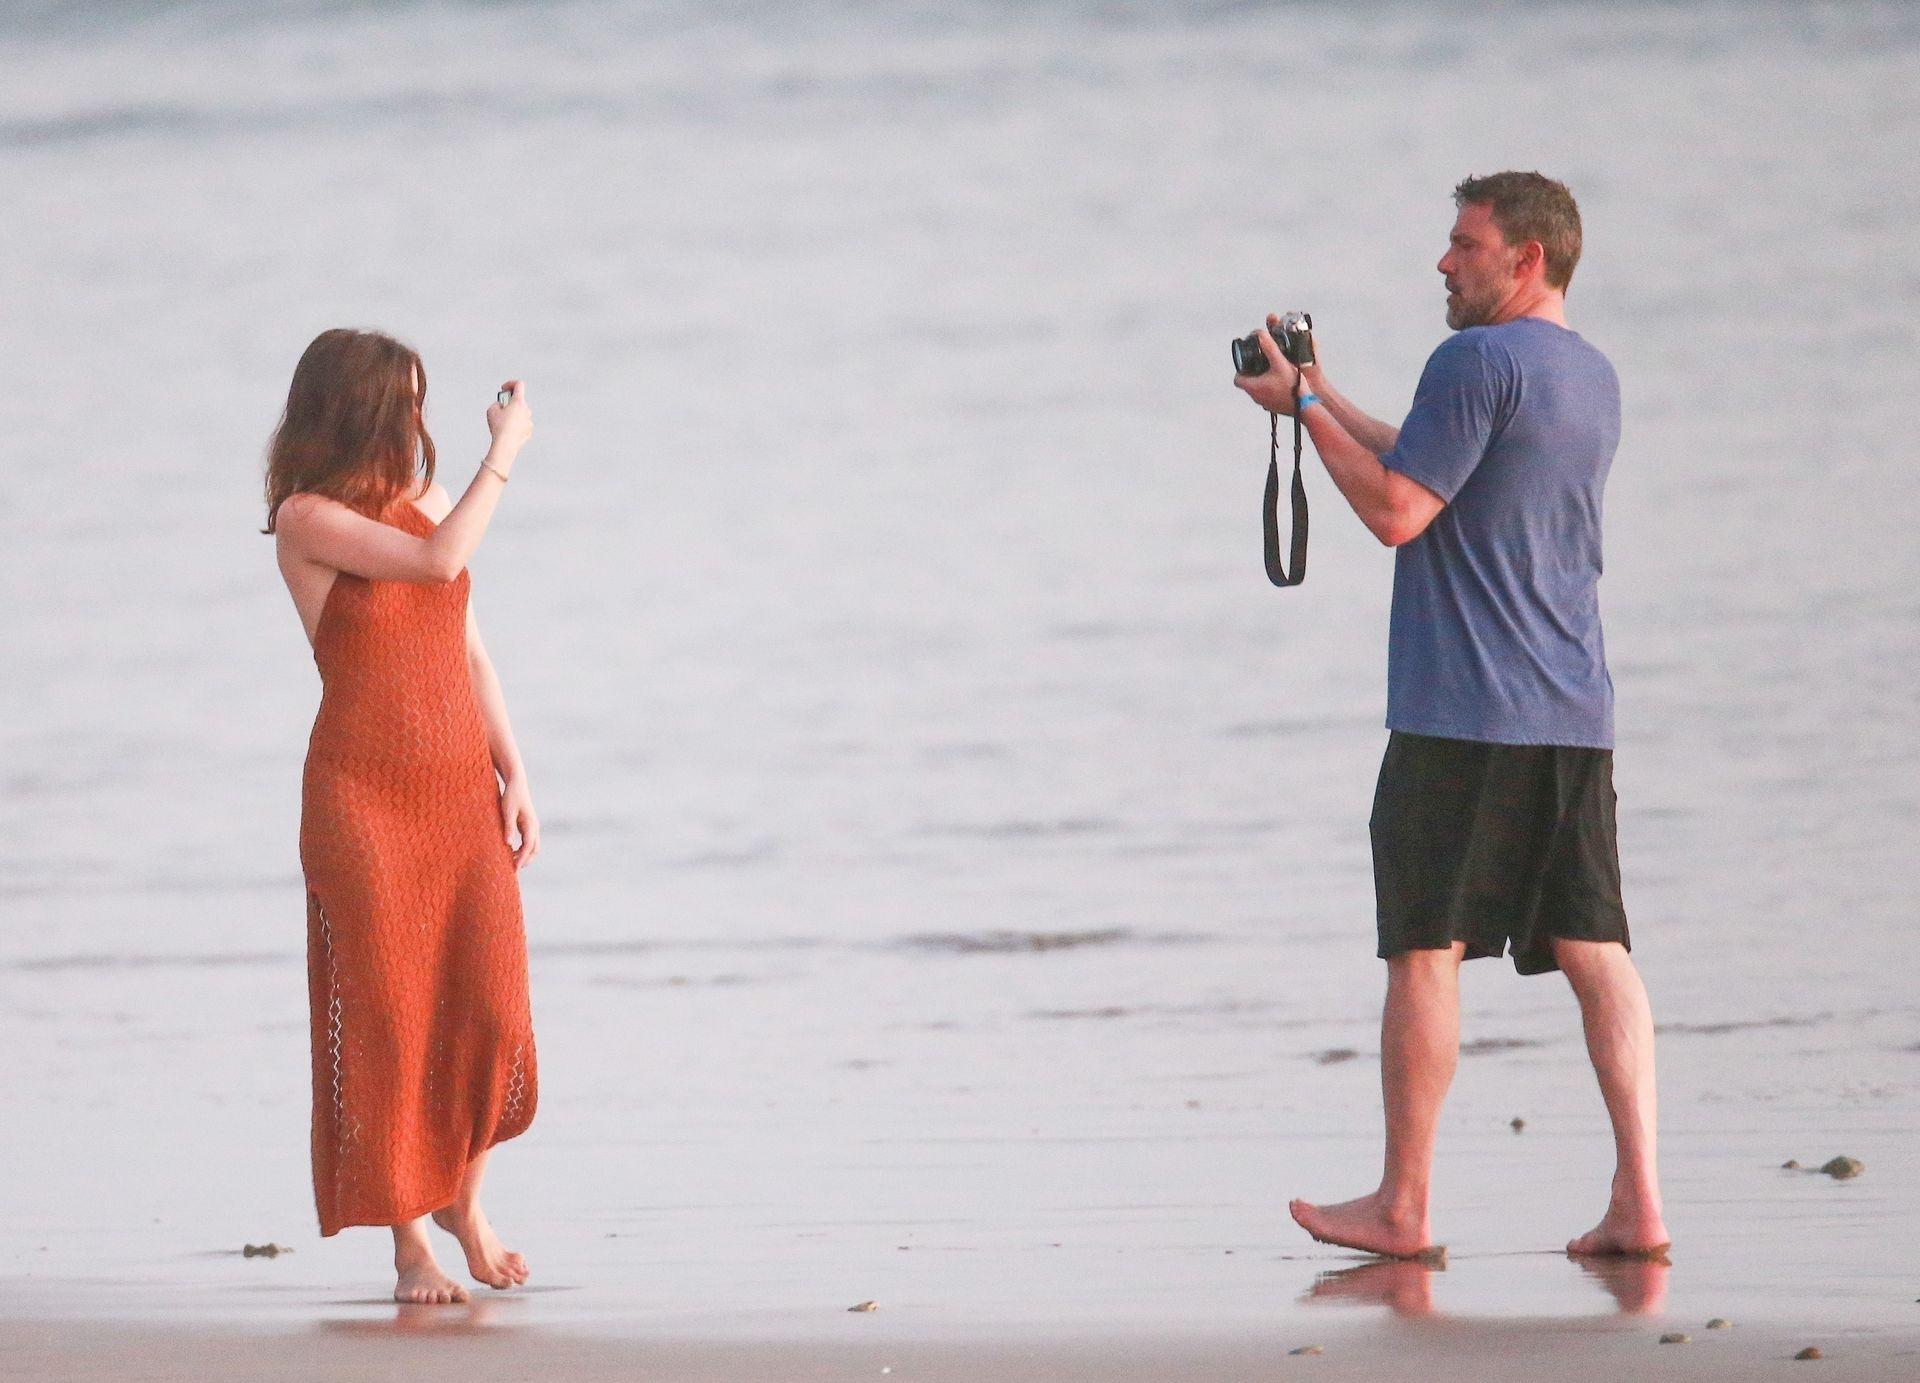 Ben Affleck & Ana De Armas Enjoy A Pda Moment During Romantic Beach Stroll In Costa Rica 0032